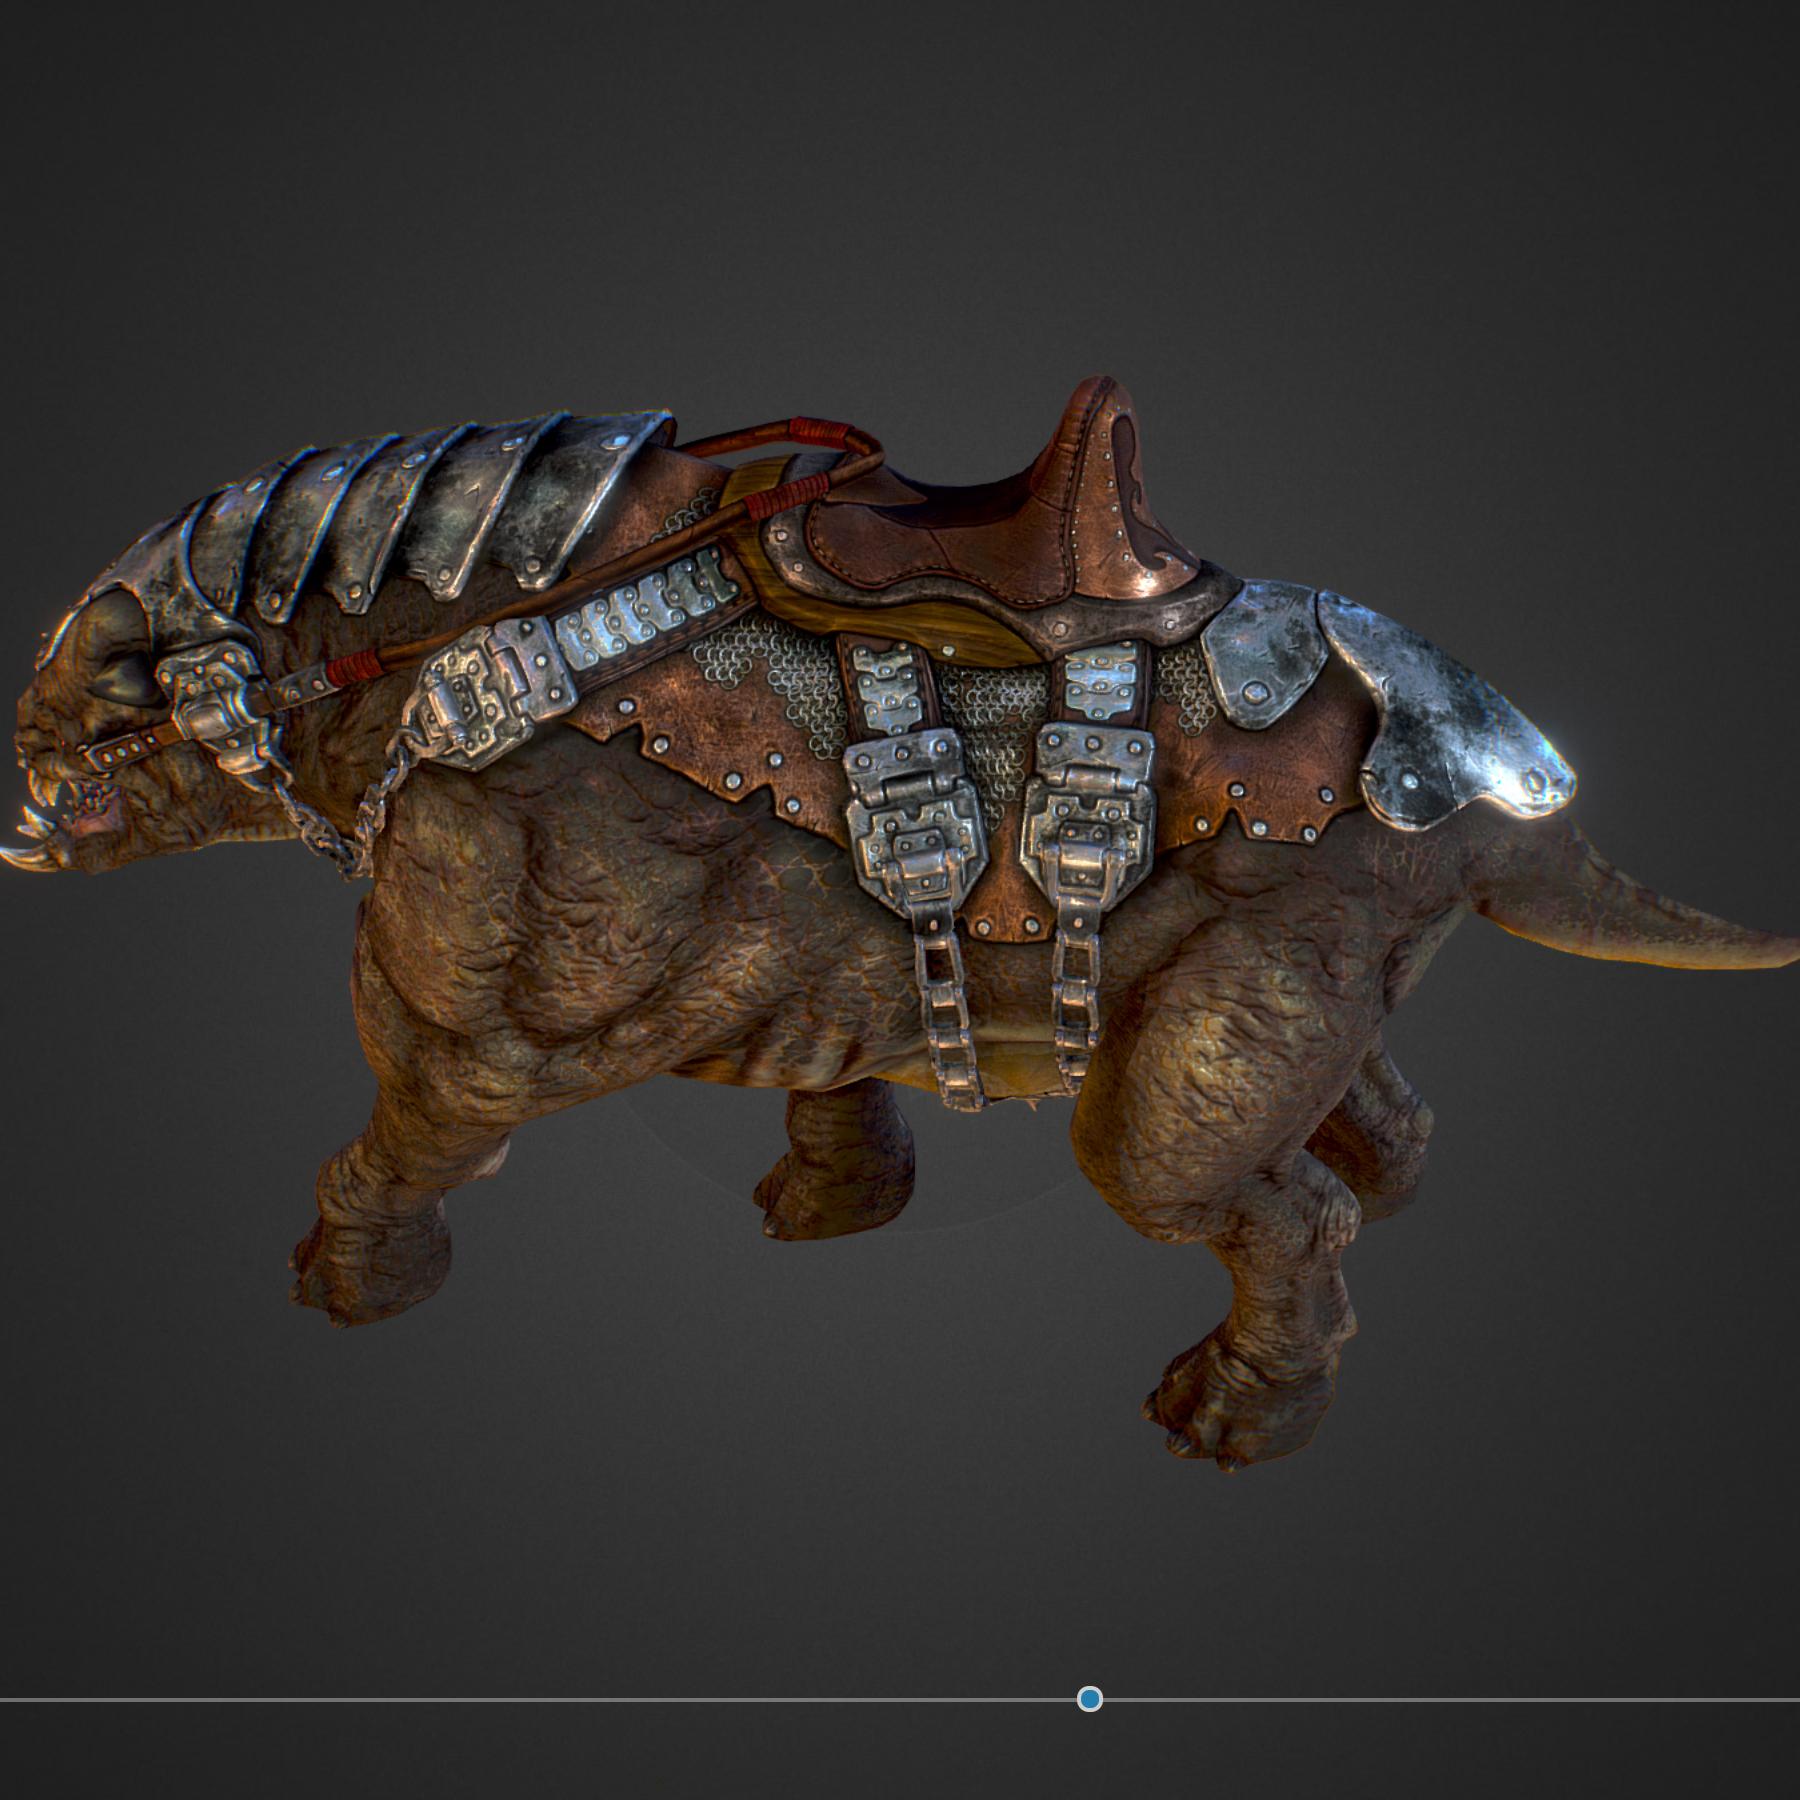 creature mount mastodont 3d model max  fbx ma mb obj 272414